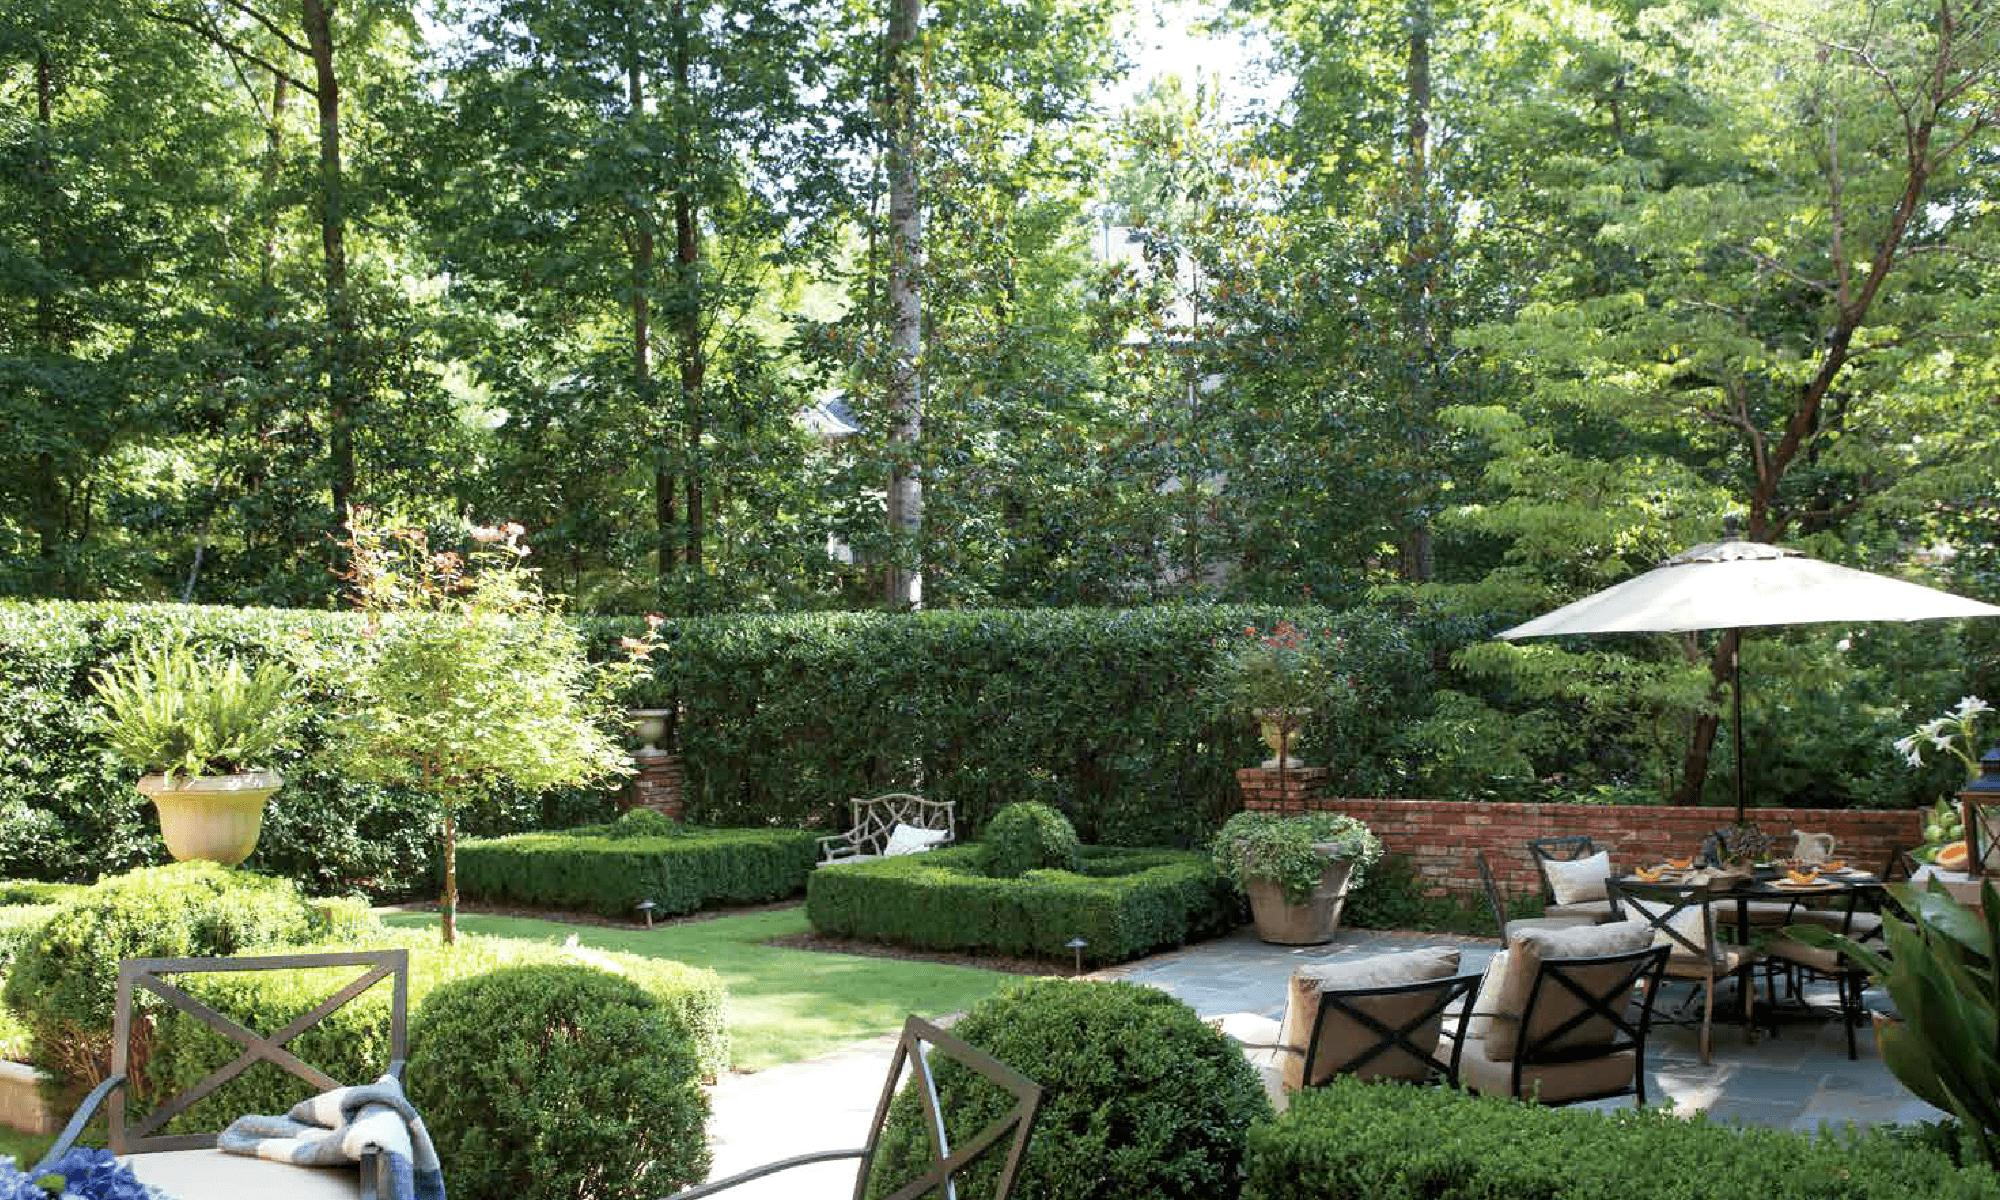 landscape and design - troy rhone garden designer